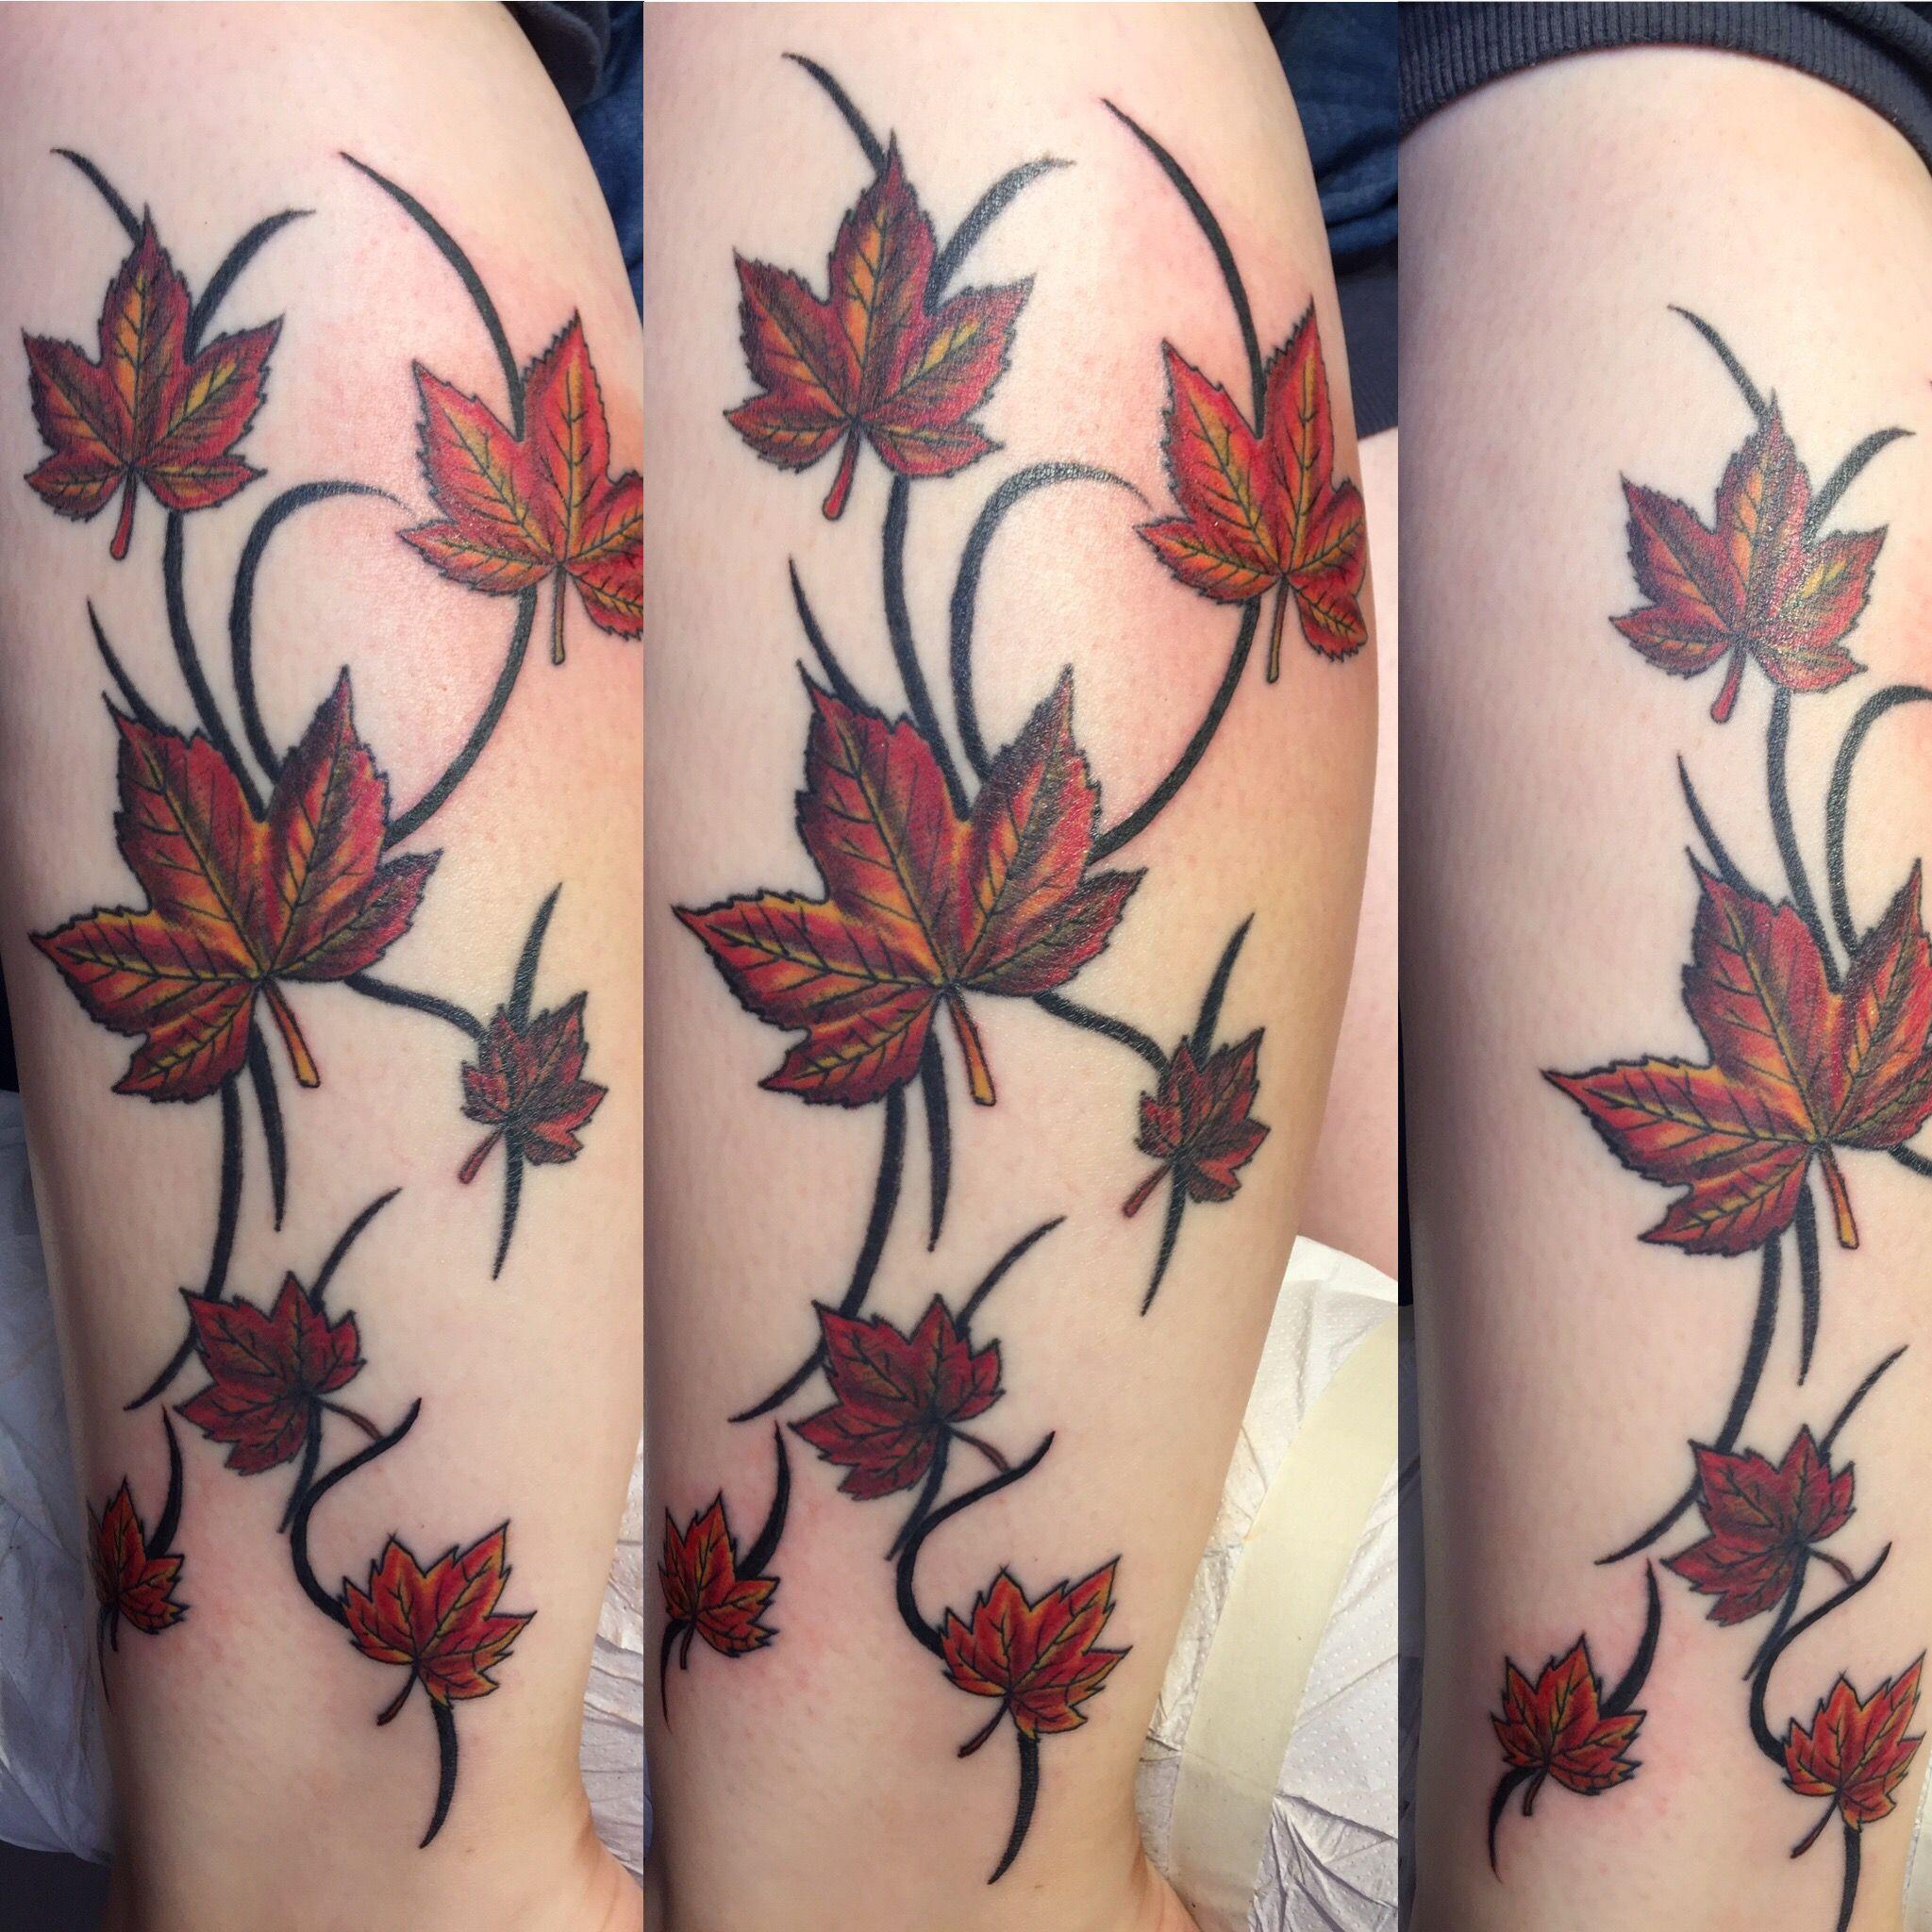 Tattoo Herbstblatter Tattoo Blatter Ahorn Blumen Peters Tattoo